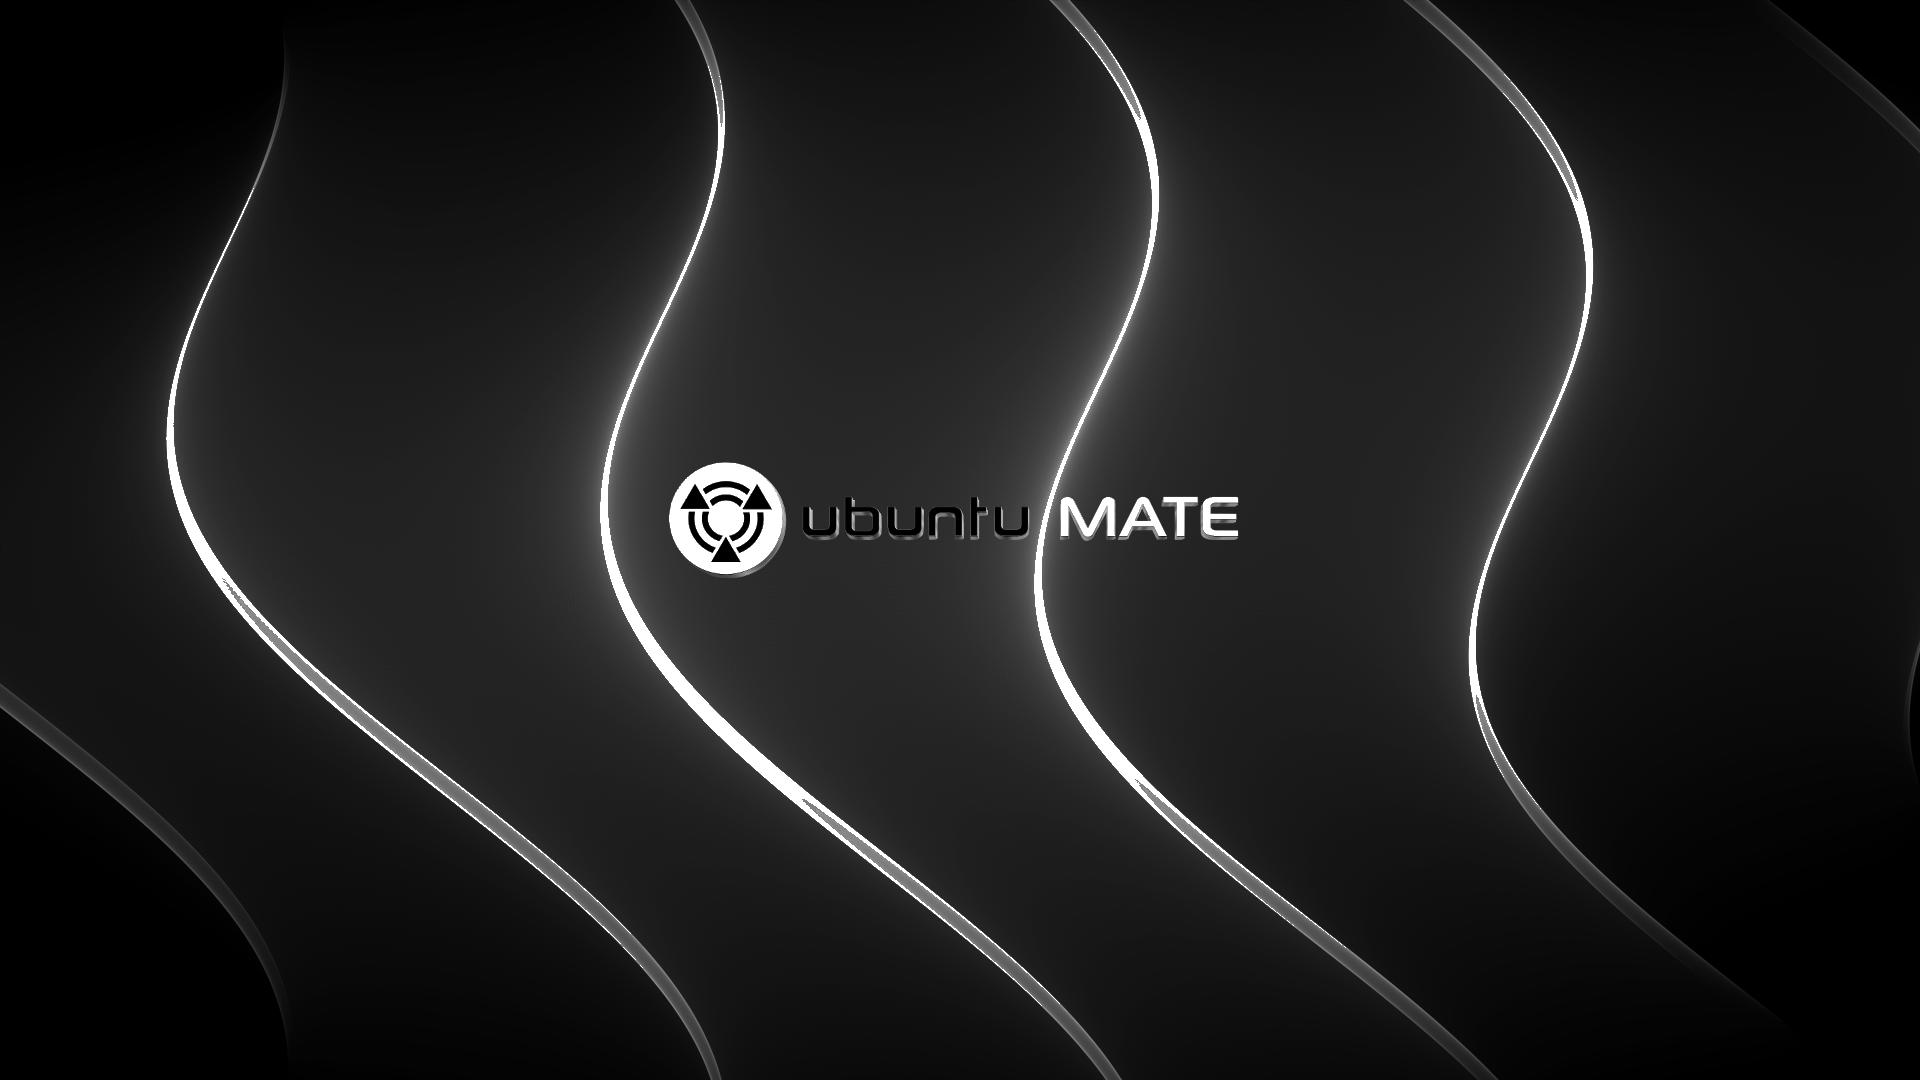 Desktop Wallpapers Ubuntu Mate Artwork Ubuntu Mate Community